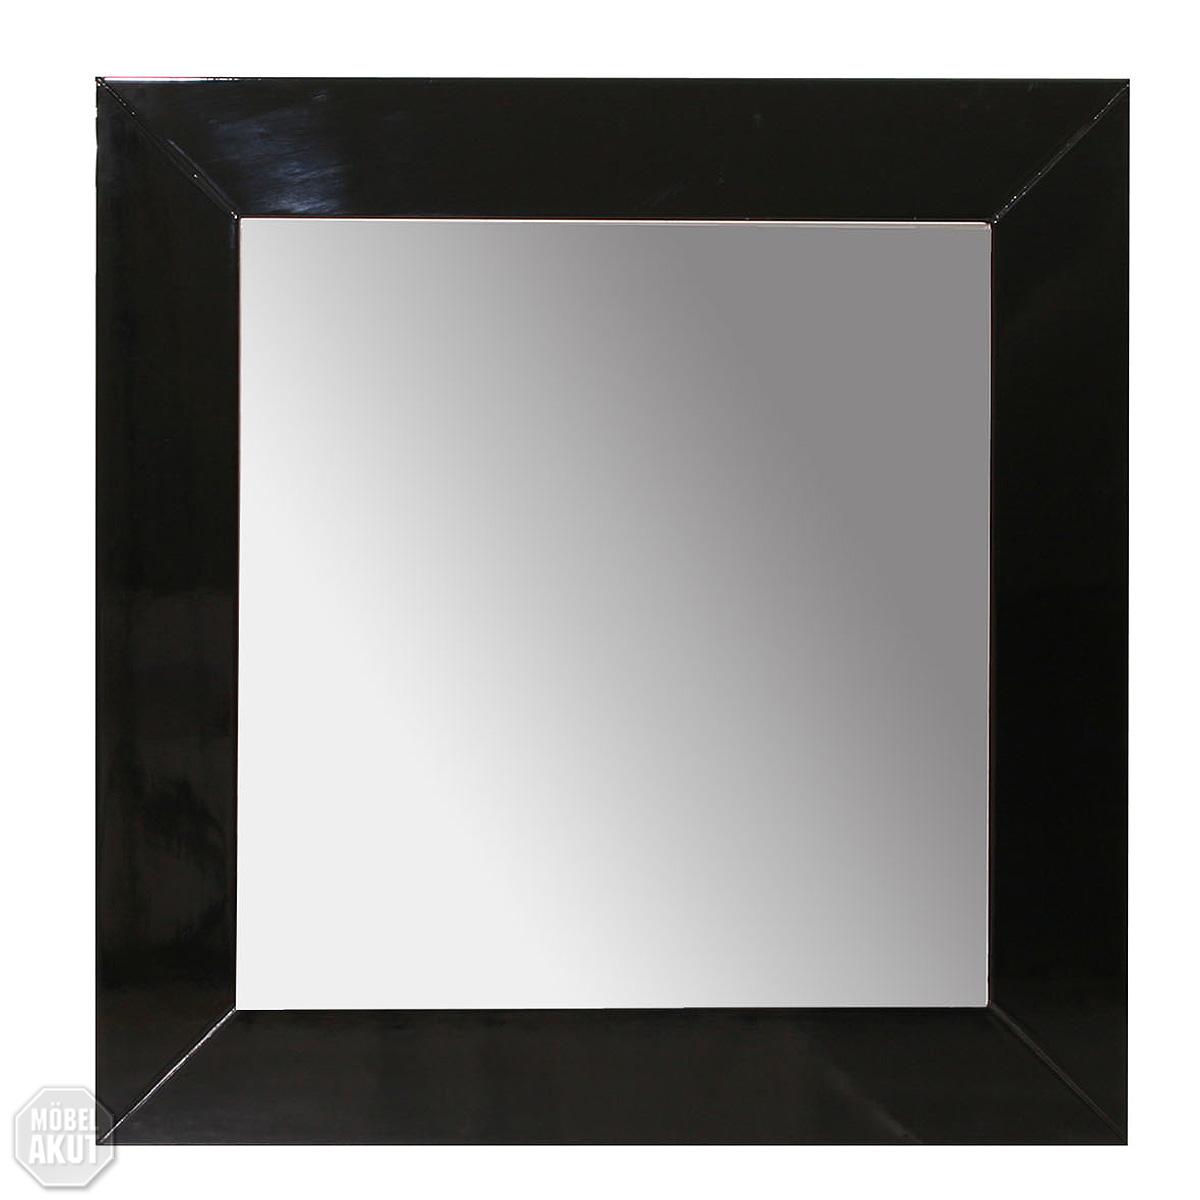 wandspiegel bari spiegel hochglanz schwarz lackiert ebay. Black Bedroom Furniture Sets. Home Design Ideas